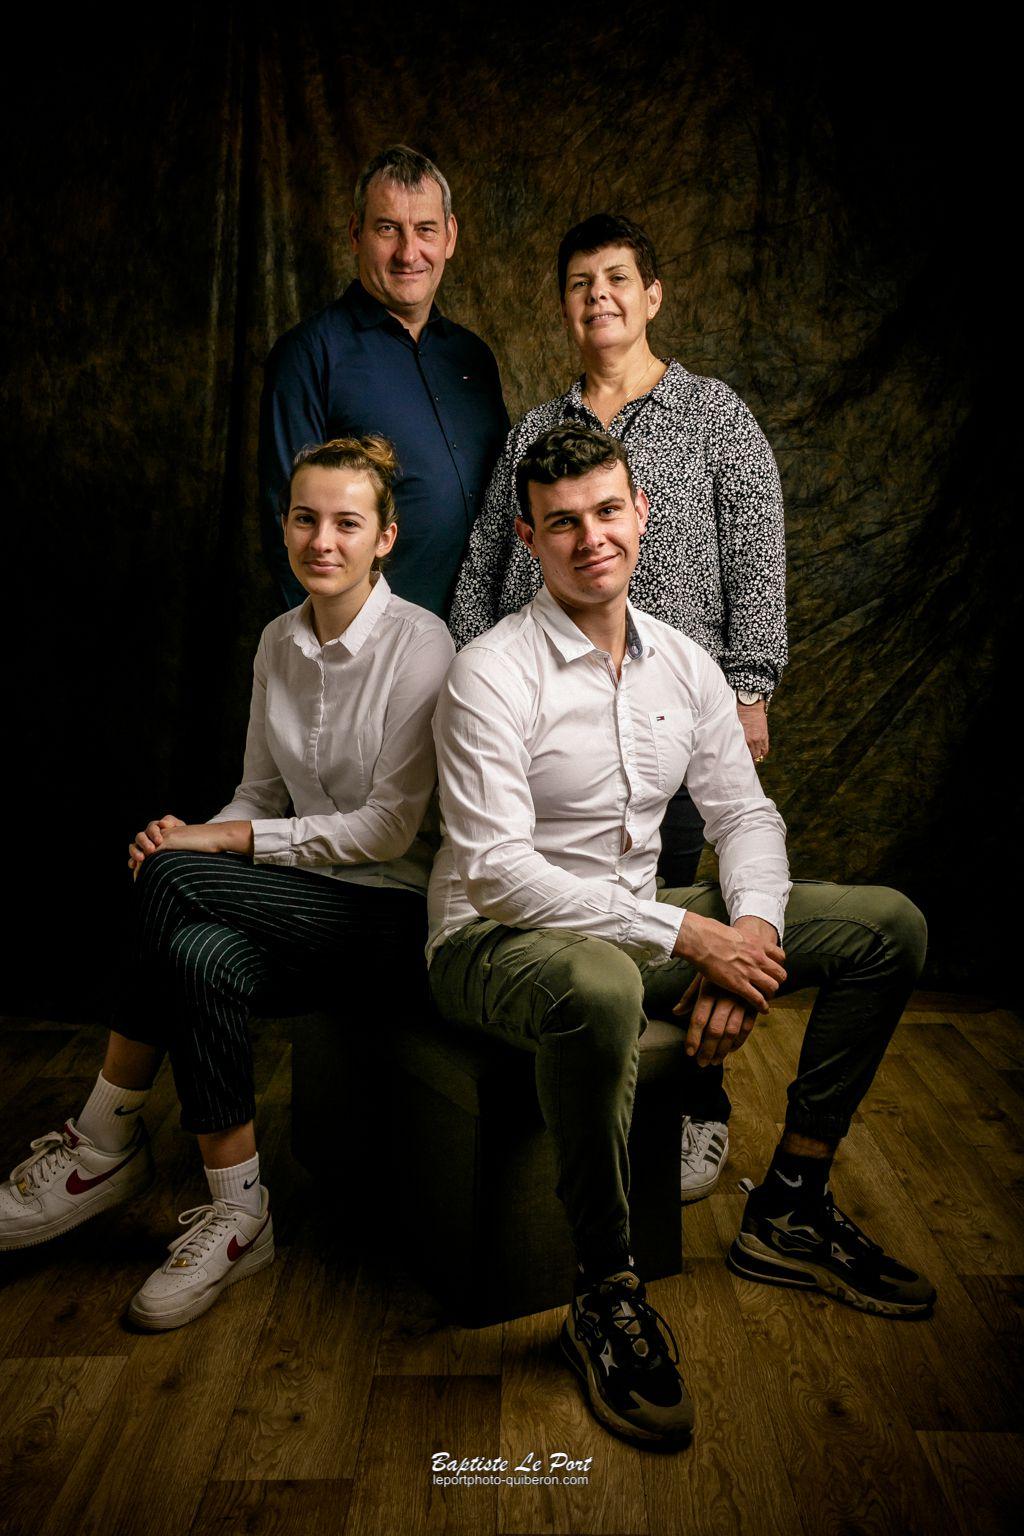 19 décembre - séance photo en studio pour un souvenir de famille